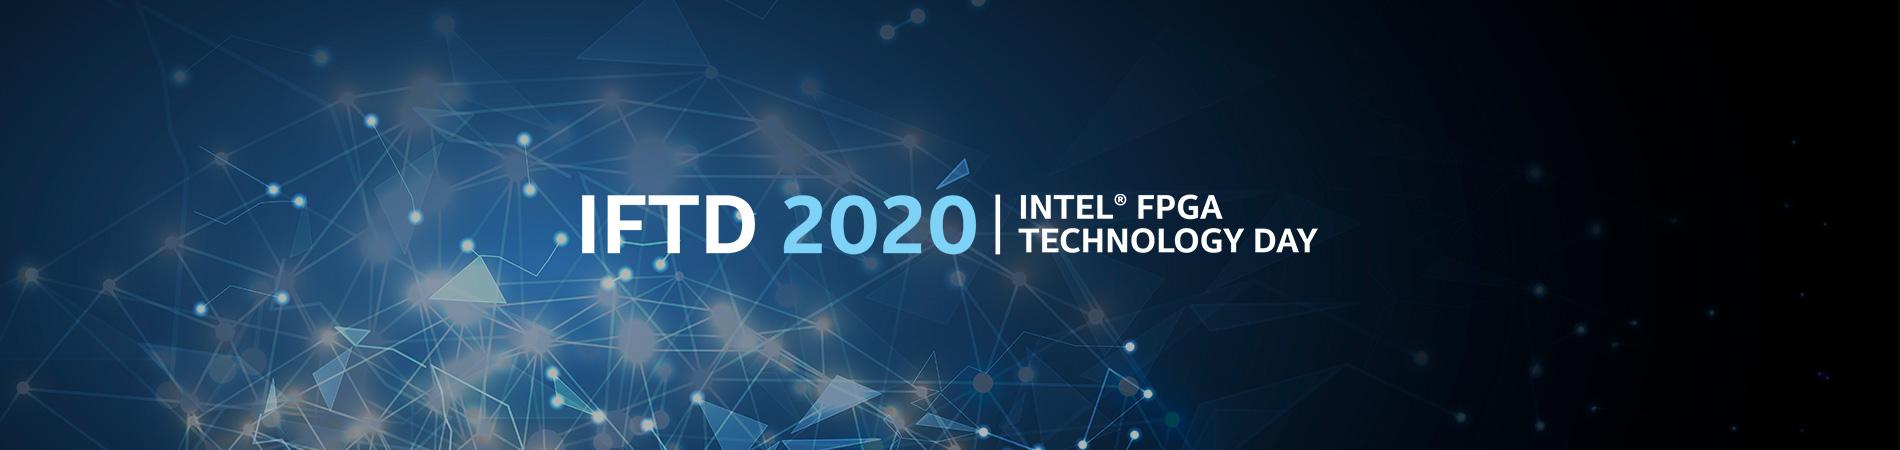 IFTD2020 - インテル® FPGA テクノロジー・デイ  オンライン